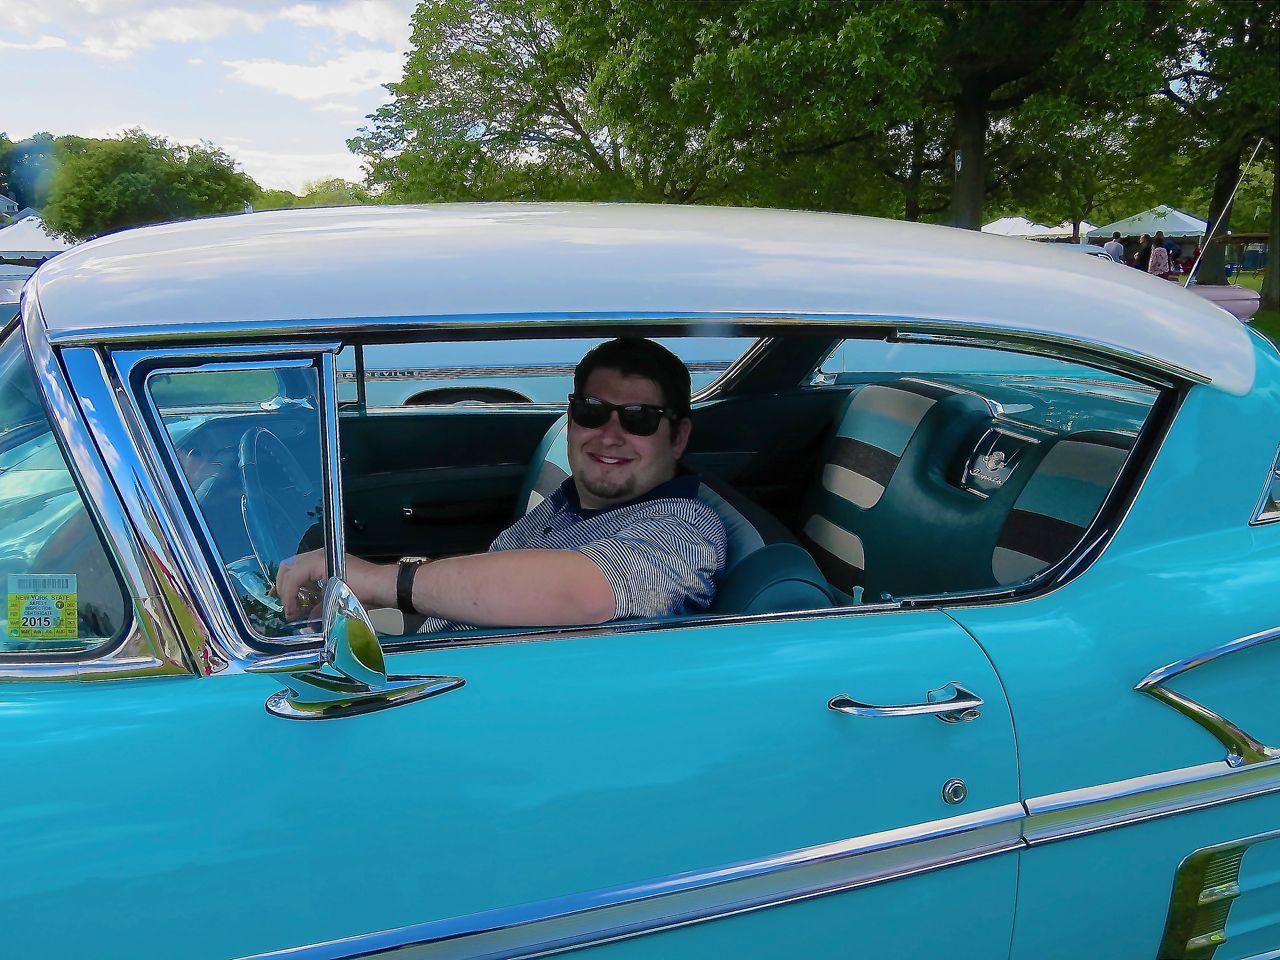 Al sitting in the Impala